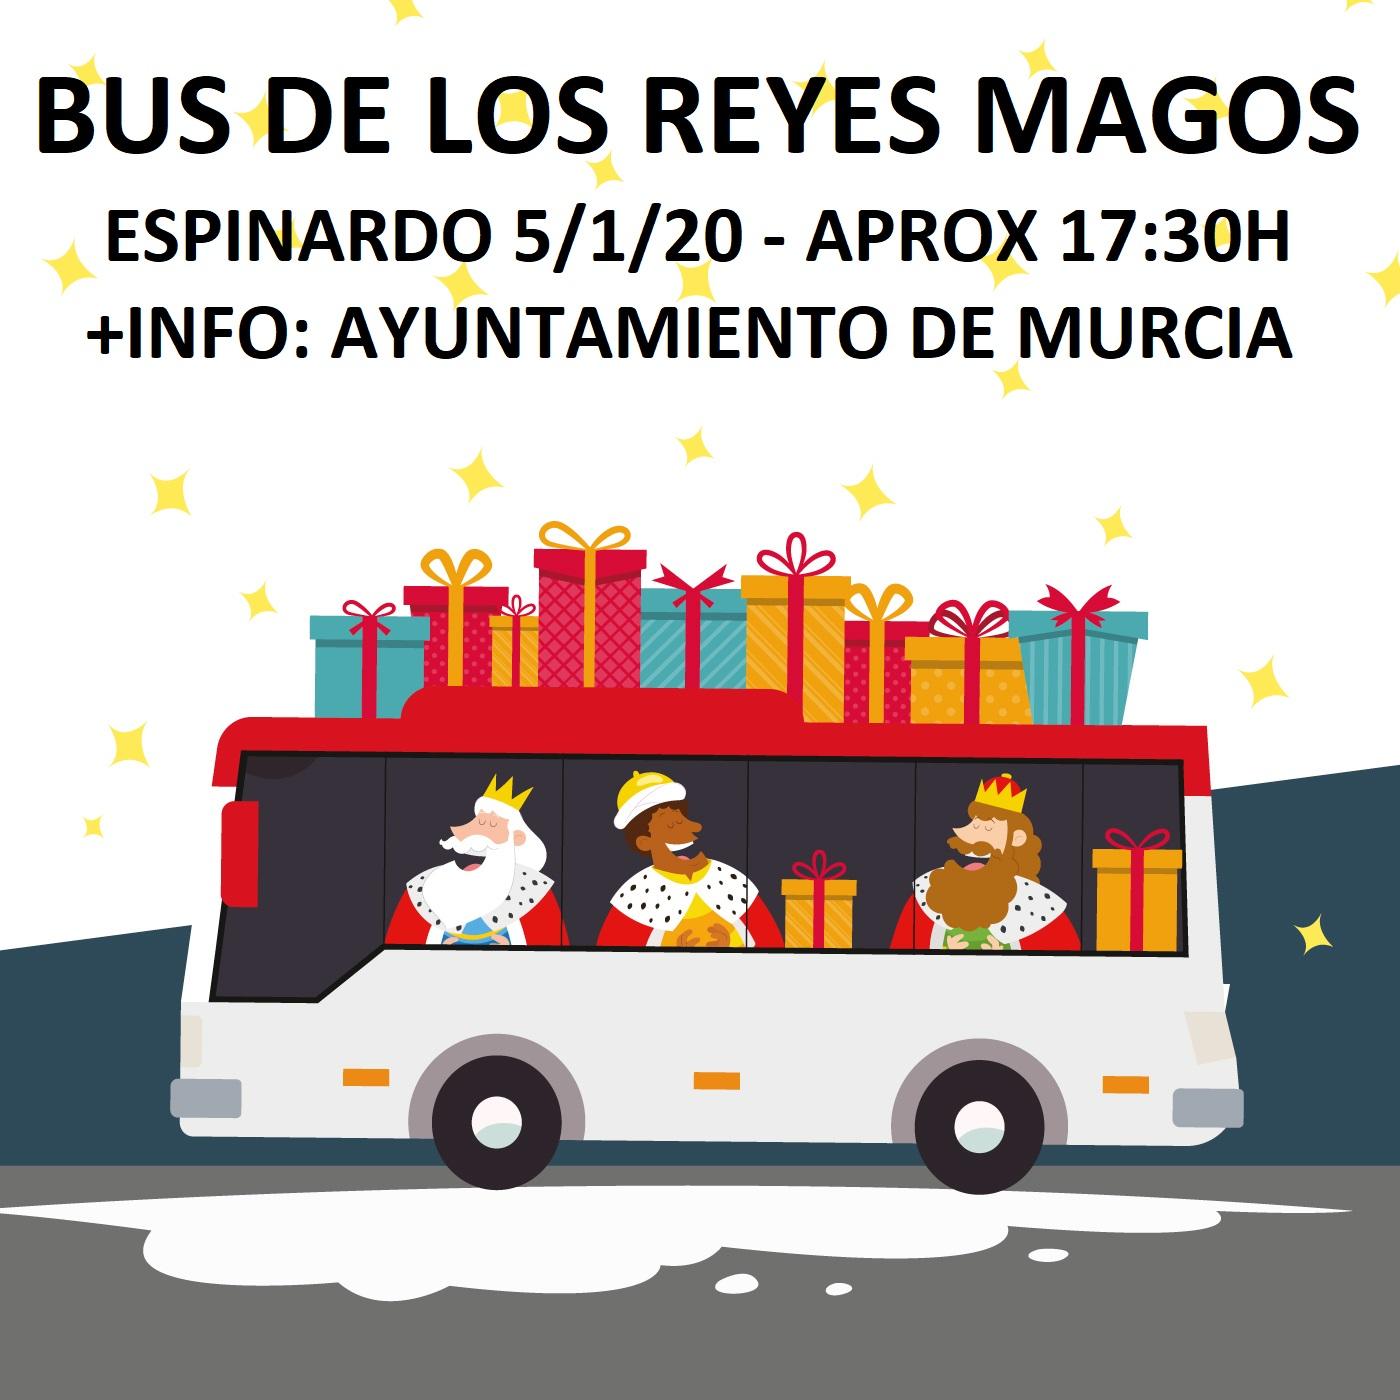 Bus Reyes Magos Murcia Espinardo 2021